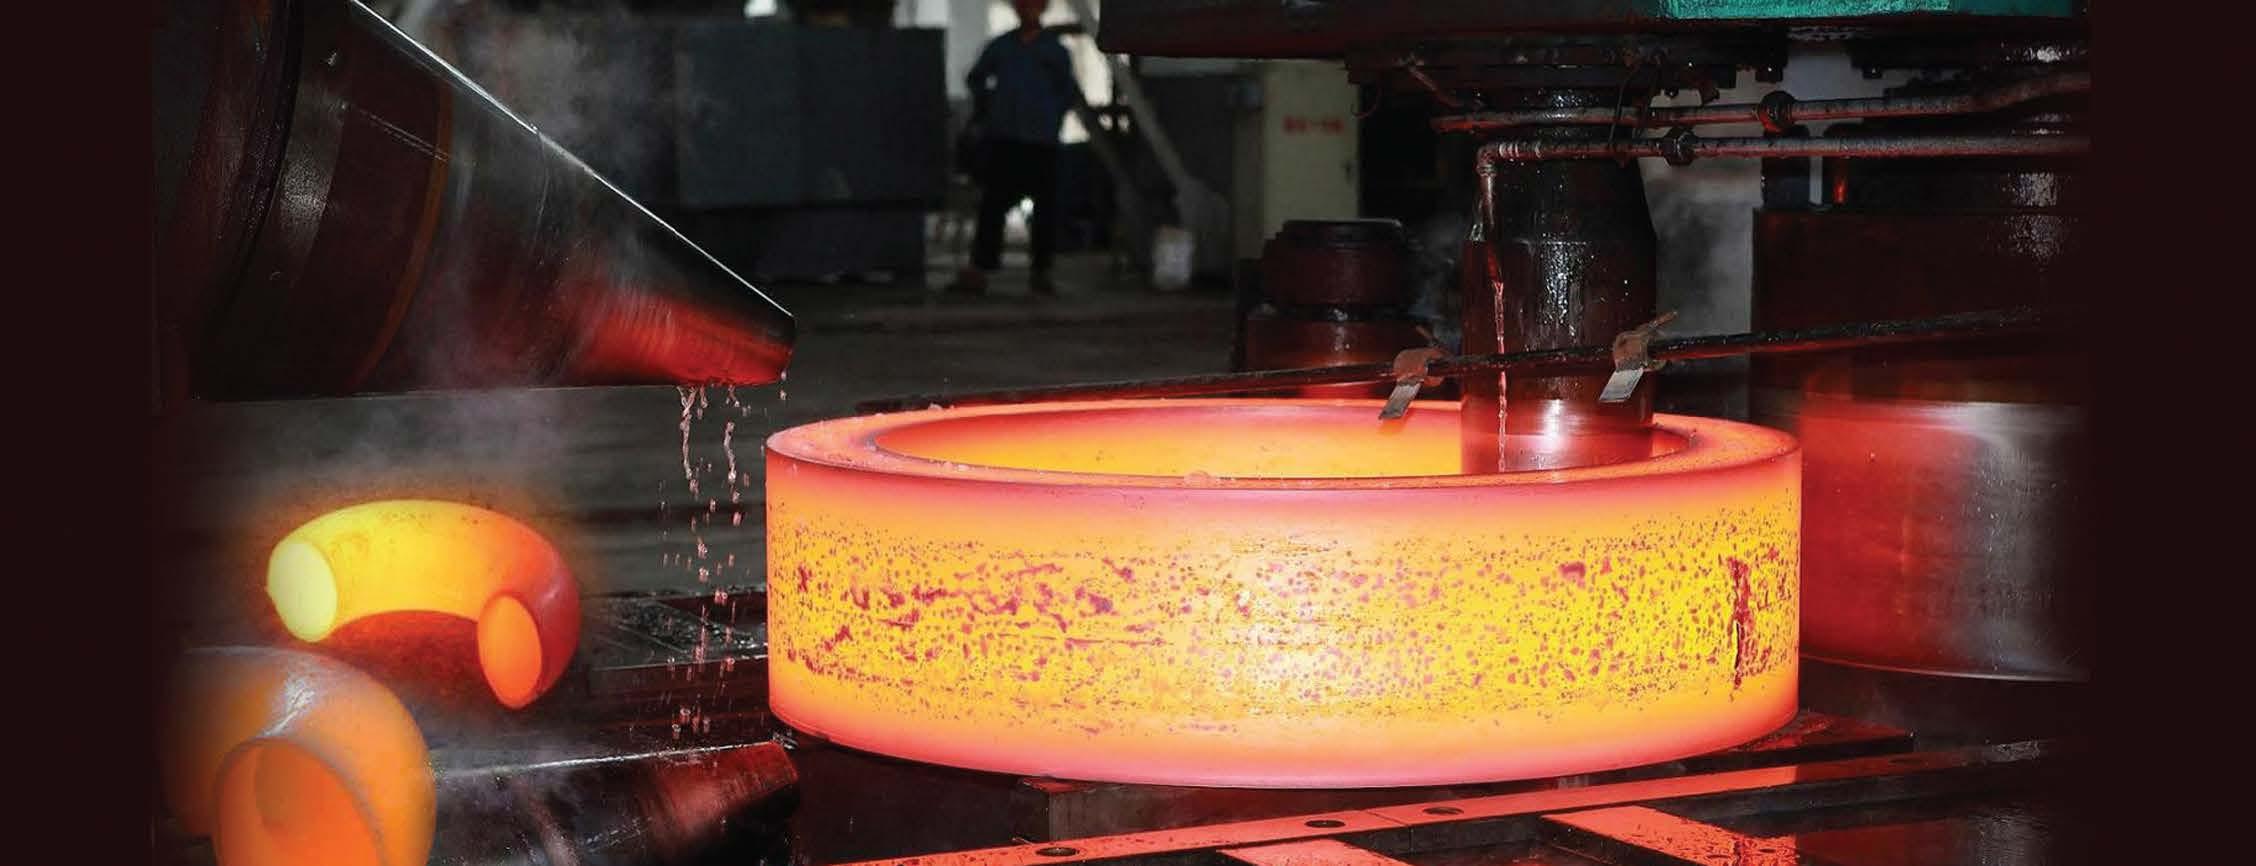 Hot forging metal 43